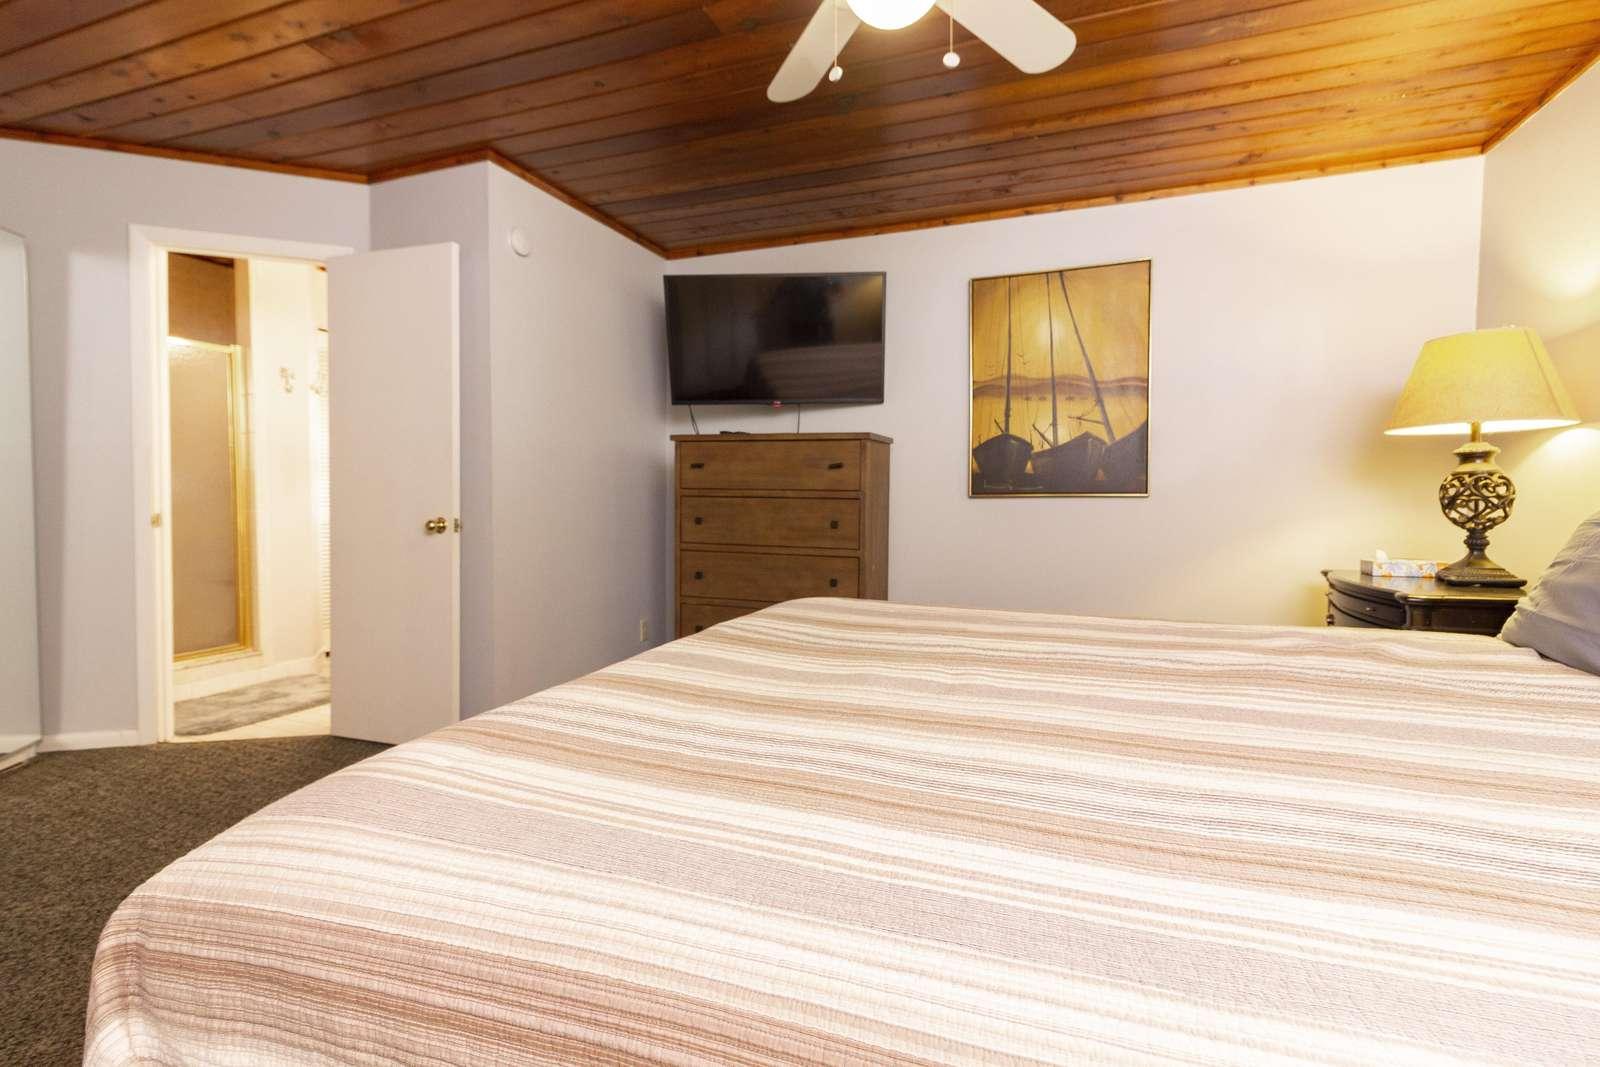 Master Bedroom - Entry to En'Suite Bath